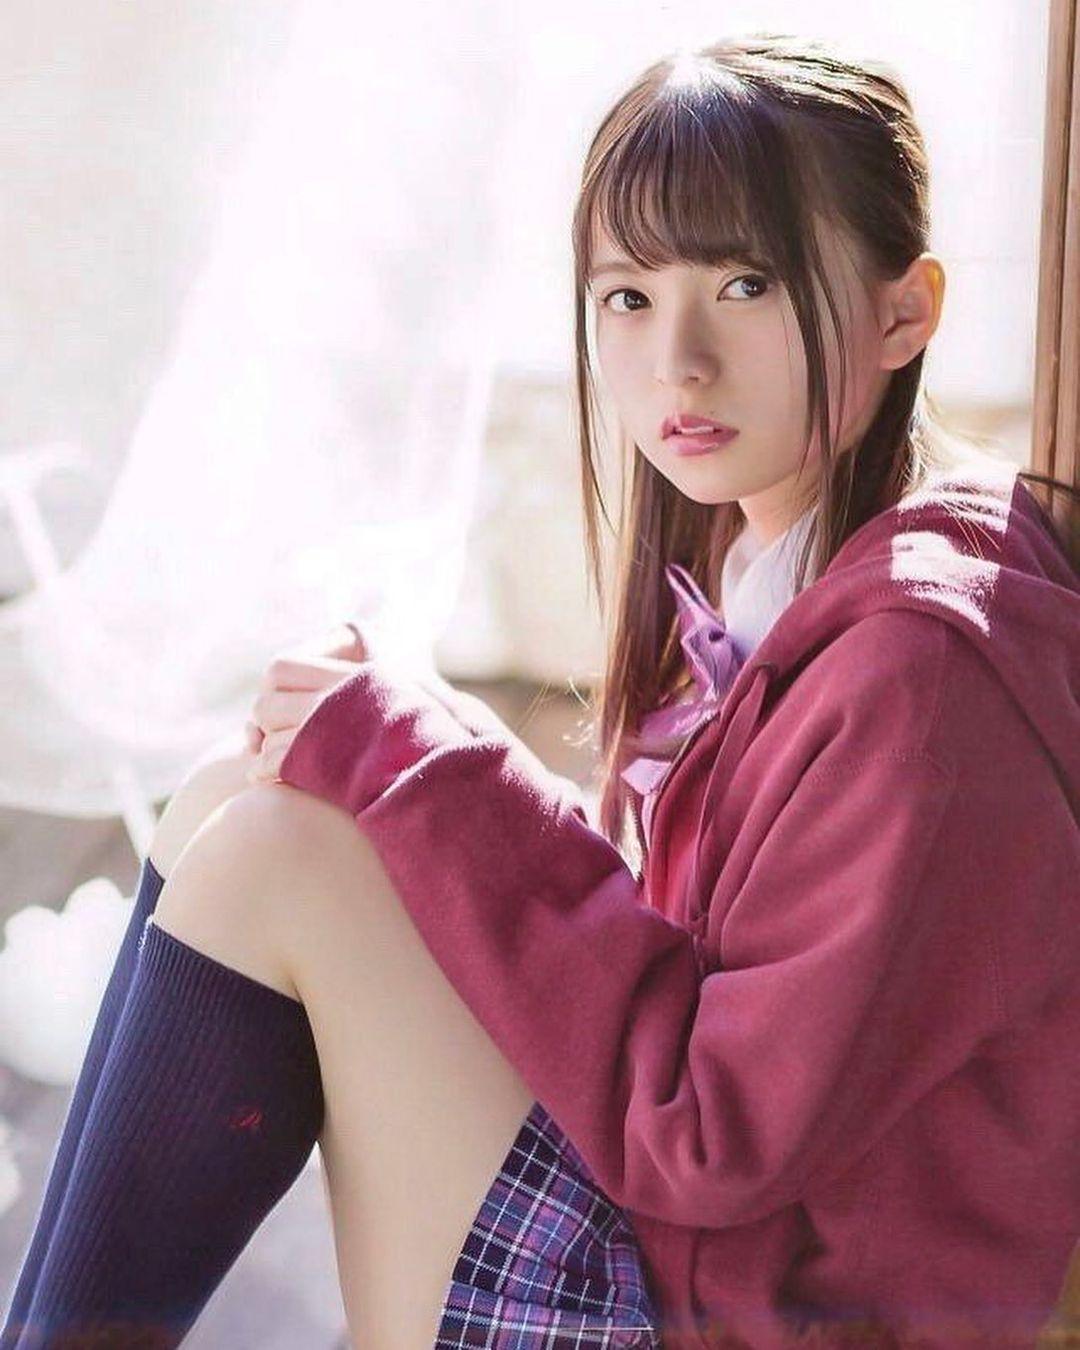 saitou_asuka097.jpg